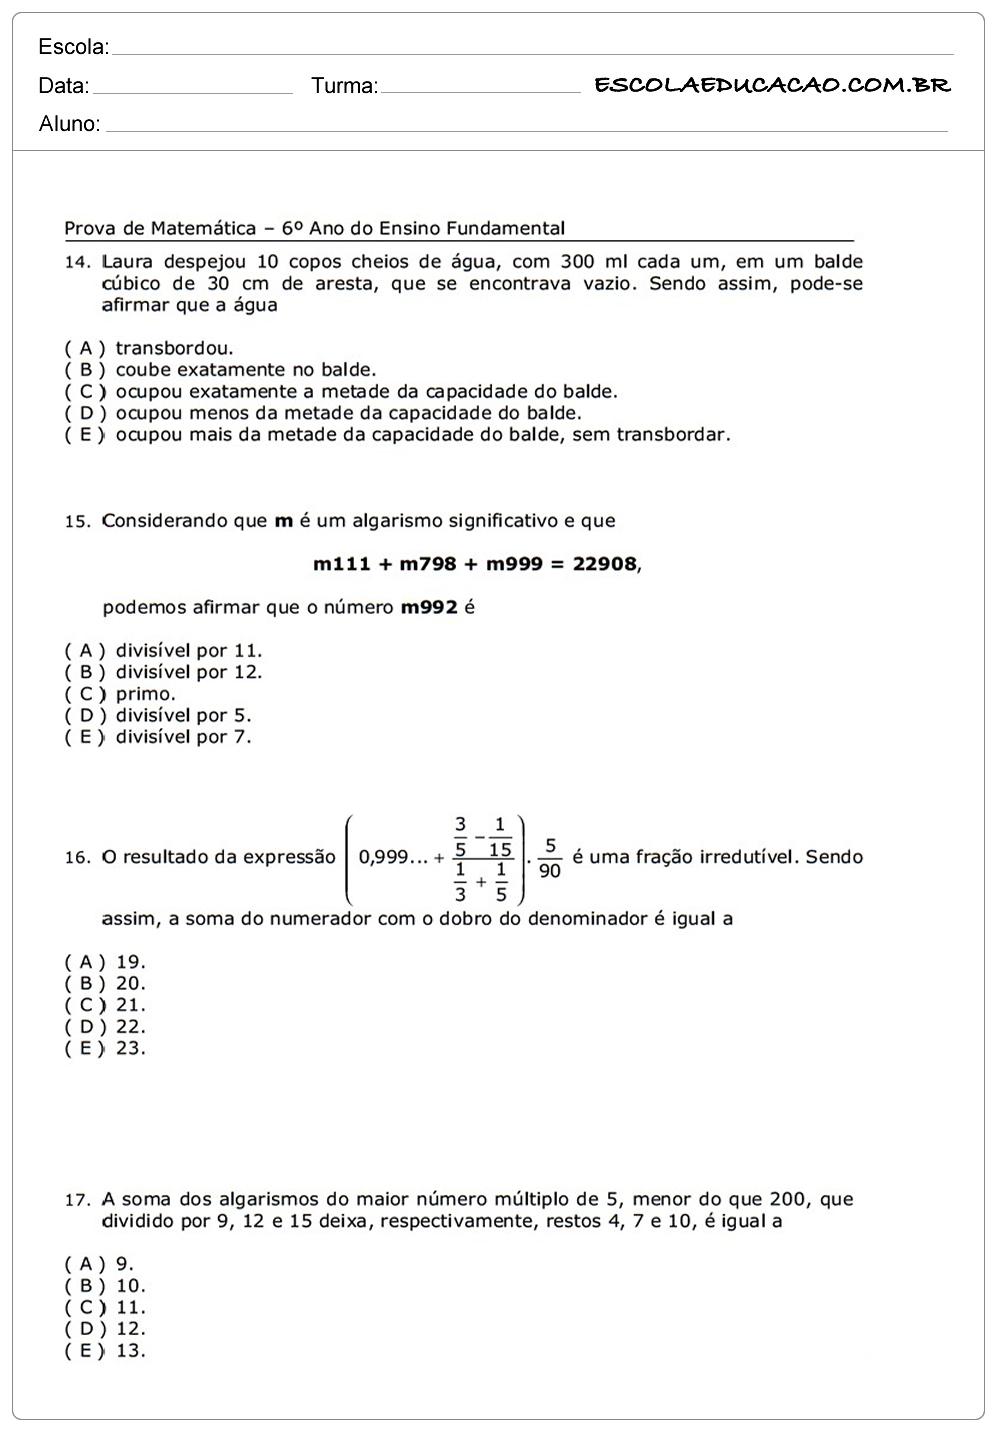 Atividades de Matemática 6º ano responda as questões